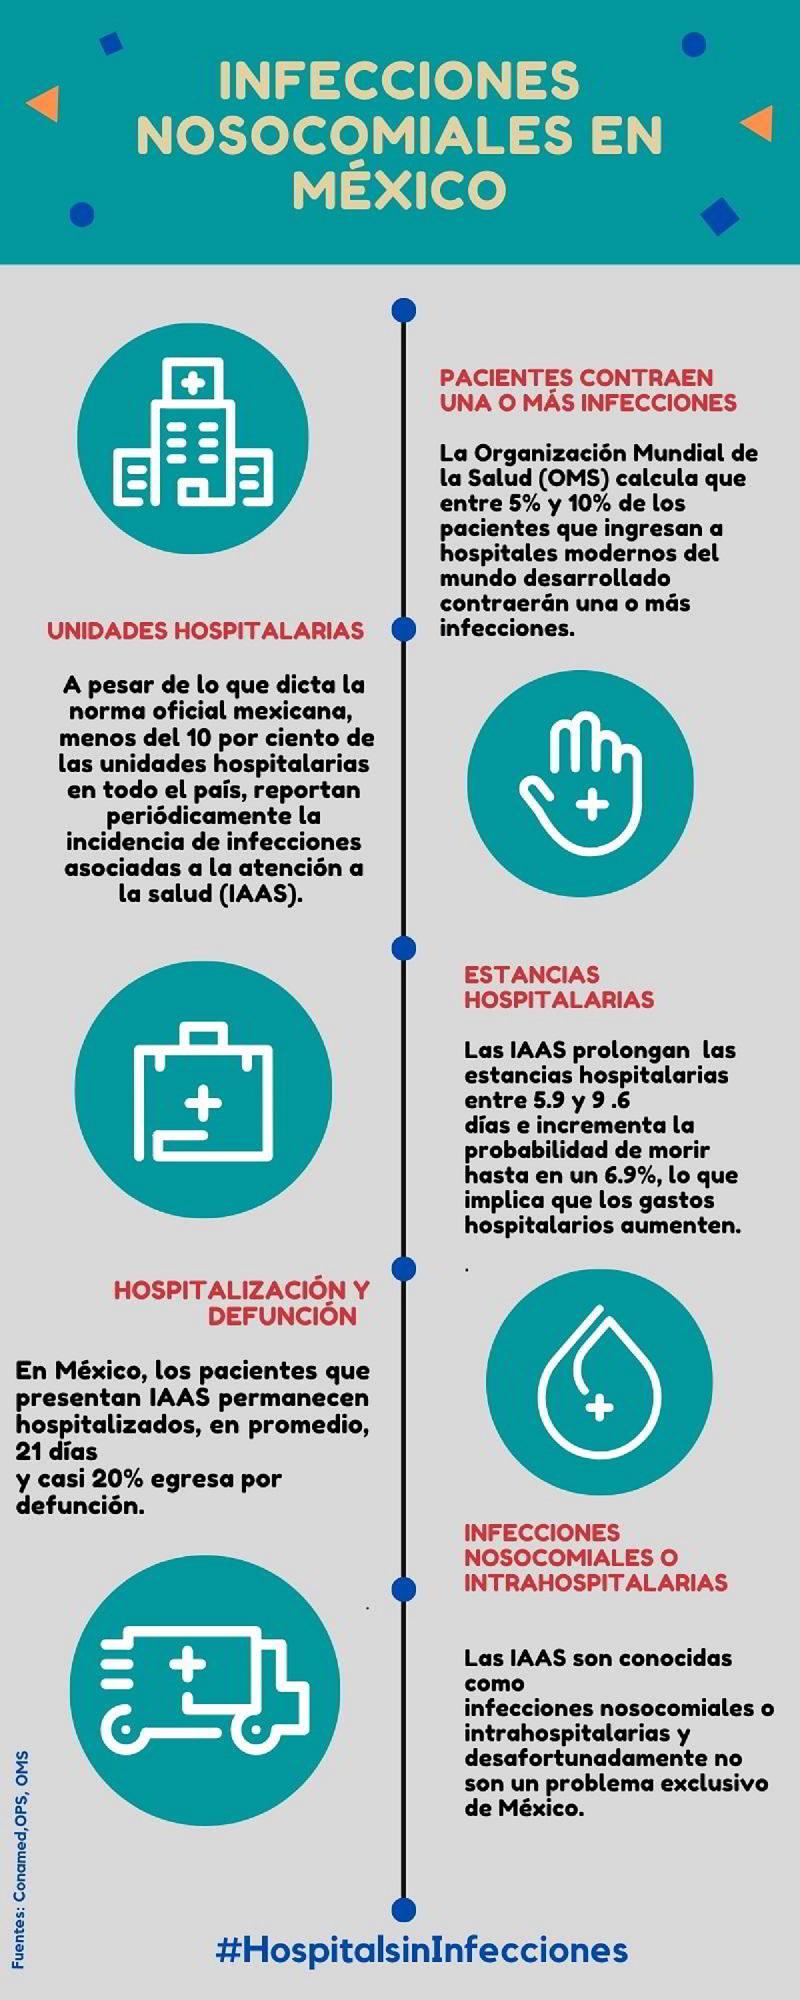 Infografía Infecciones Nosocomiales en Mexico